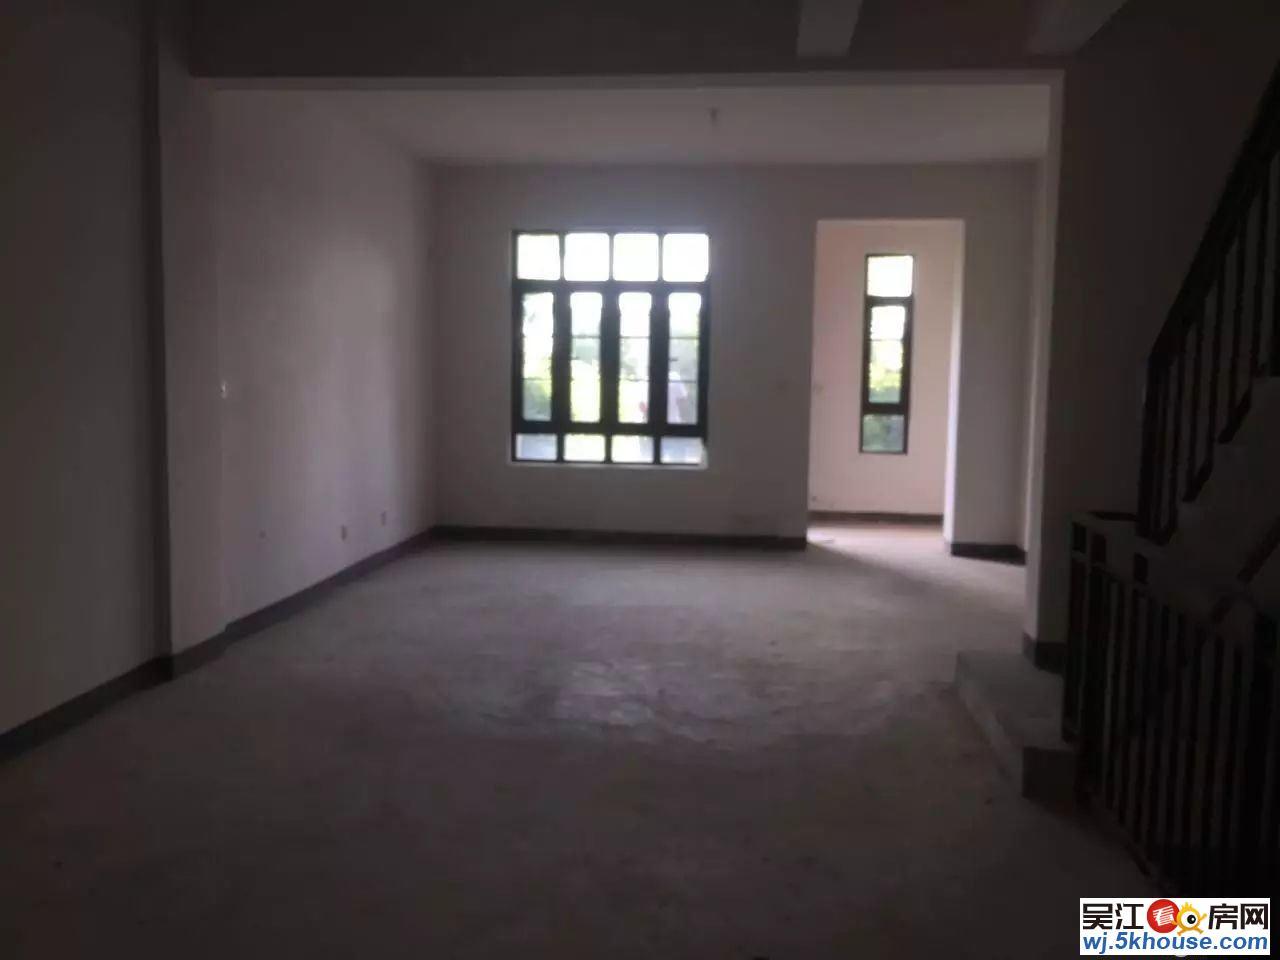 【三楼】别墅太湖城别墅一楼二楼龙腾加负一楼绿地多图位置罗庄图片